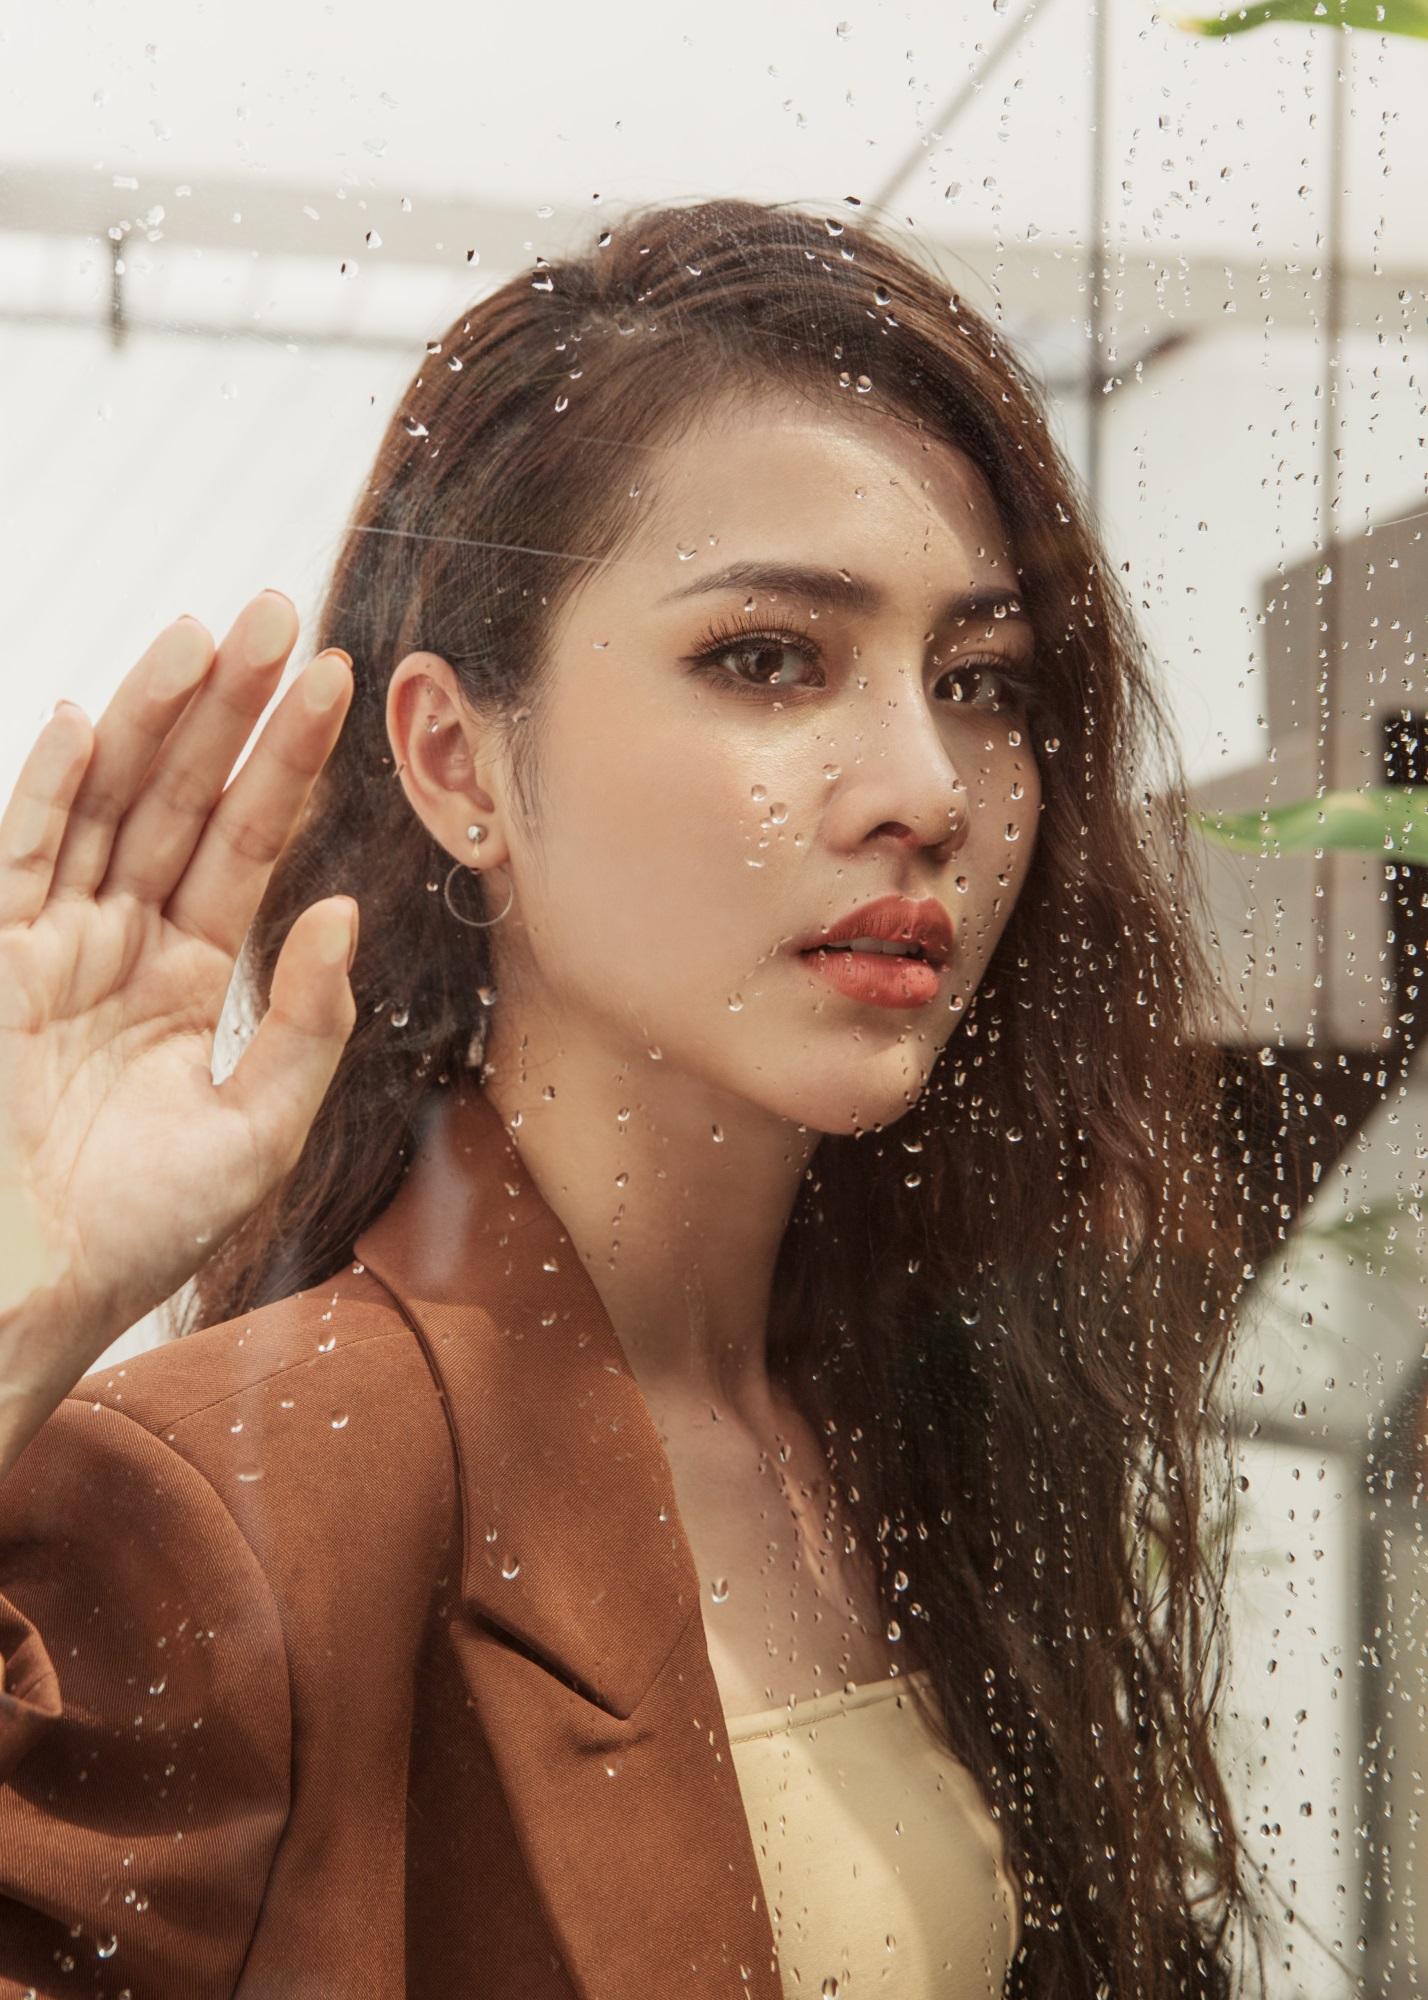 Hoa hậu Biển Kim Ngọc 'tái xuất' với hình ảnh quý cô thanh lịch đầy cuốn hút - Ảnh 11